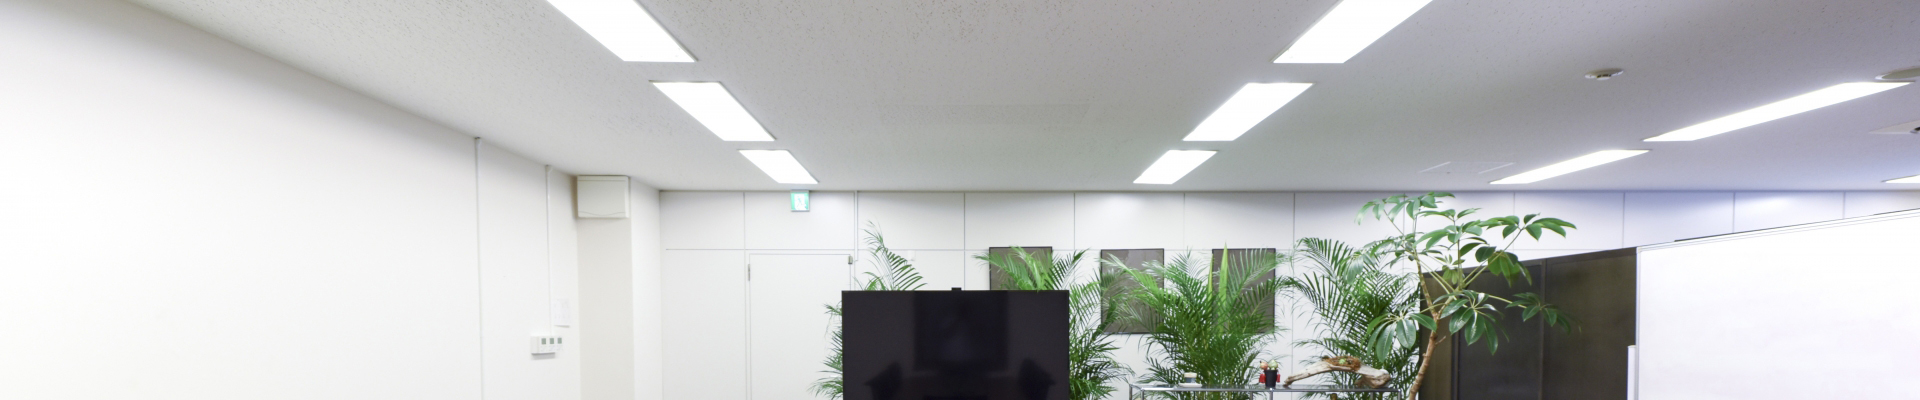 電気照明工事